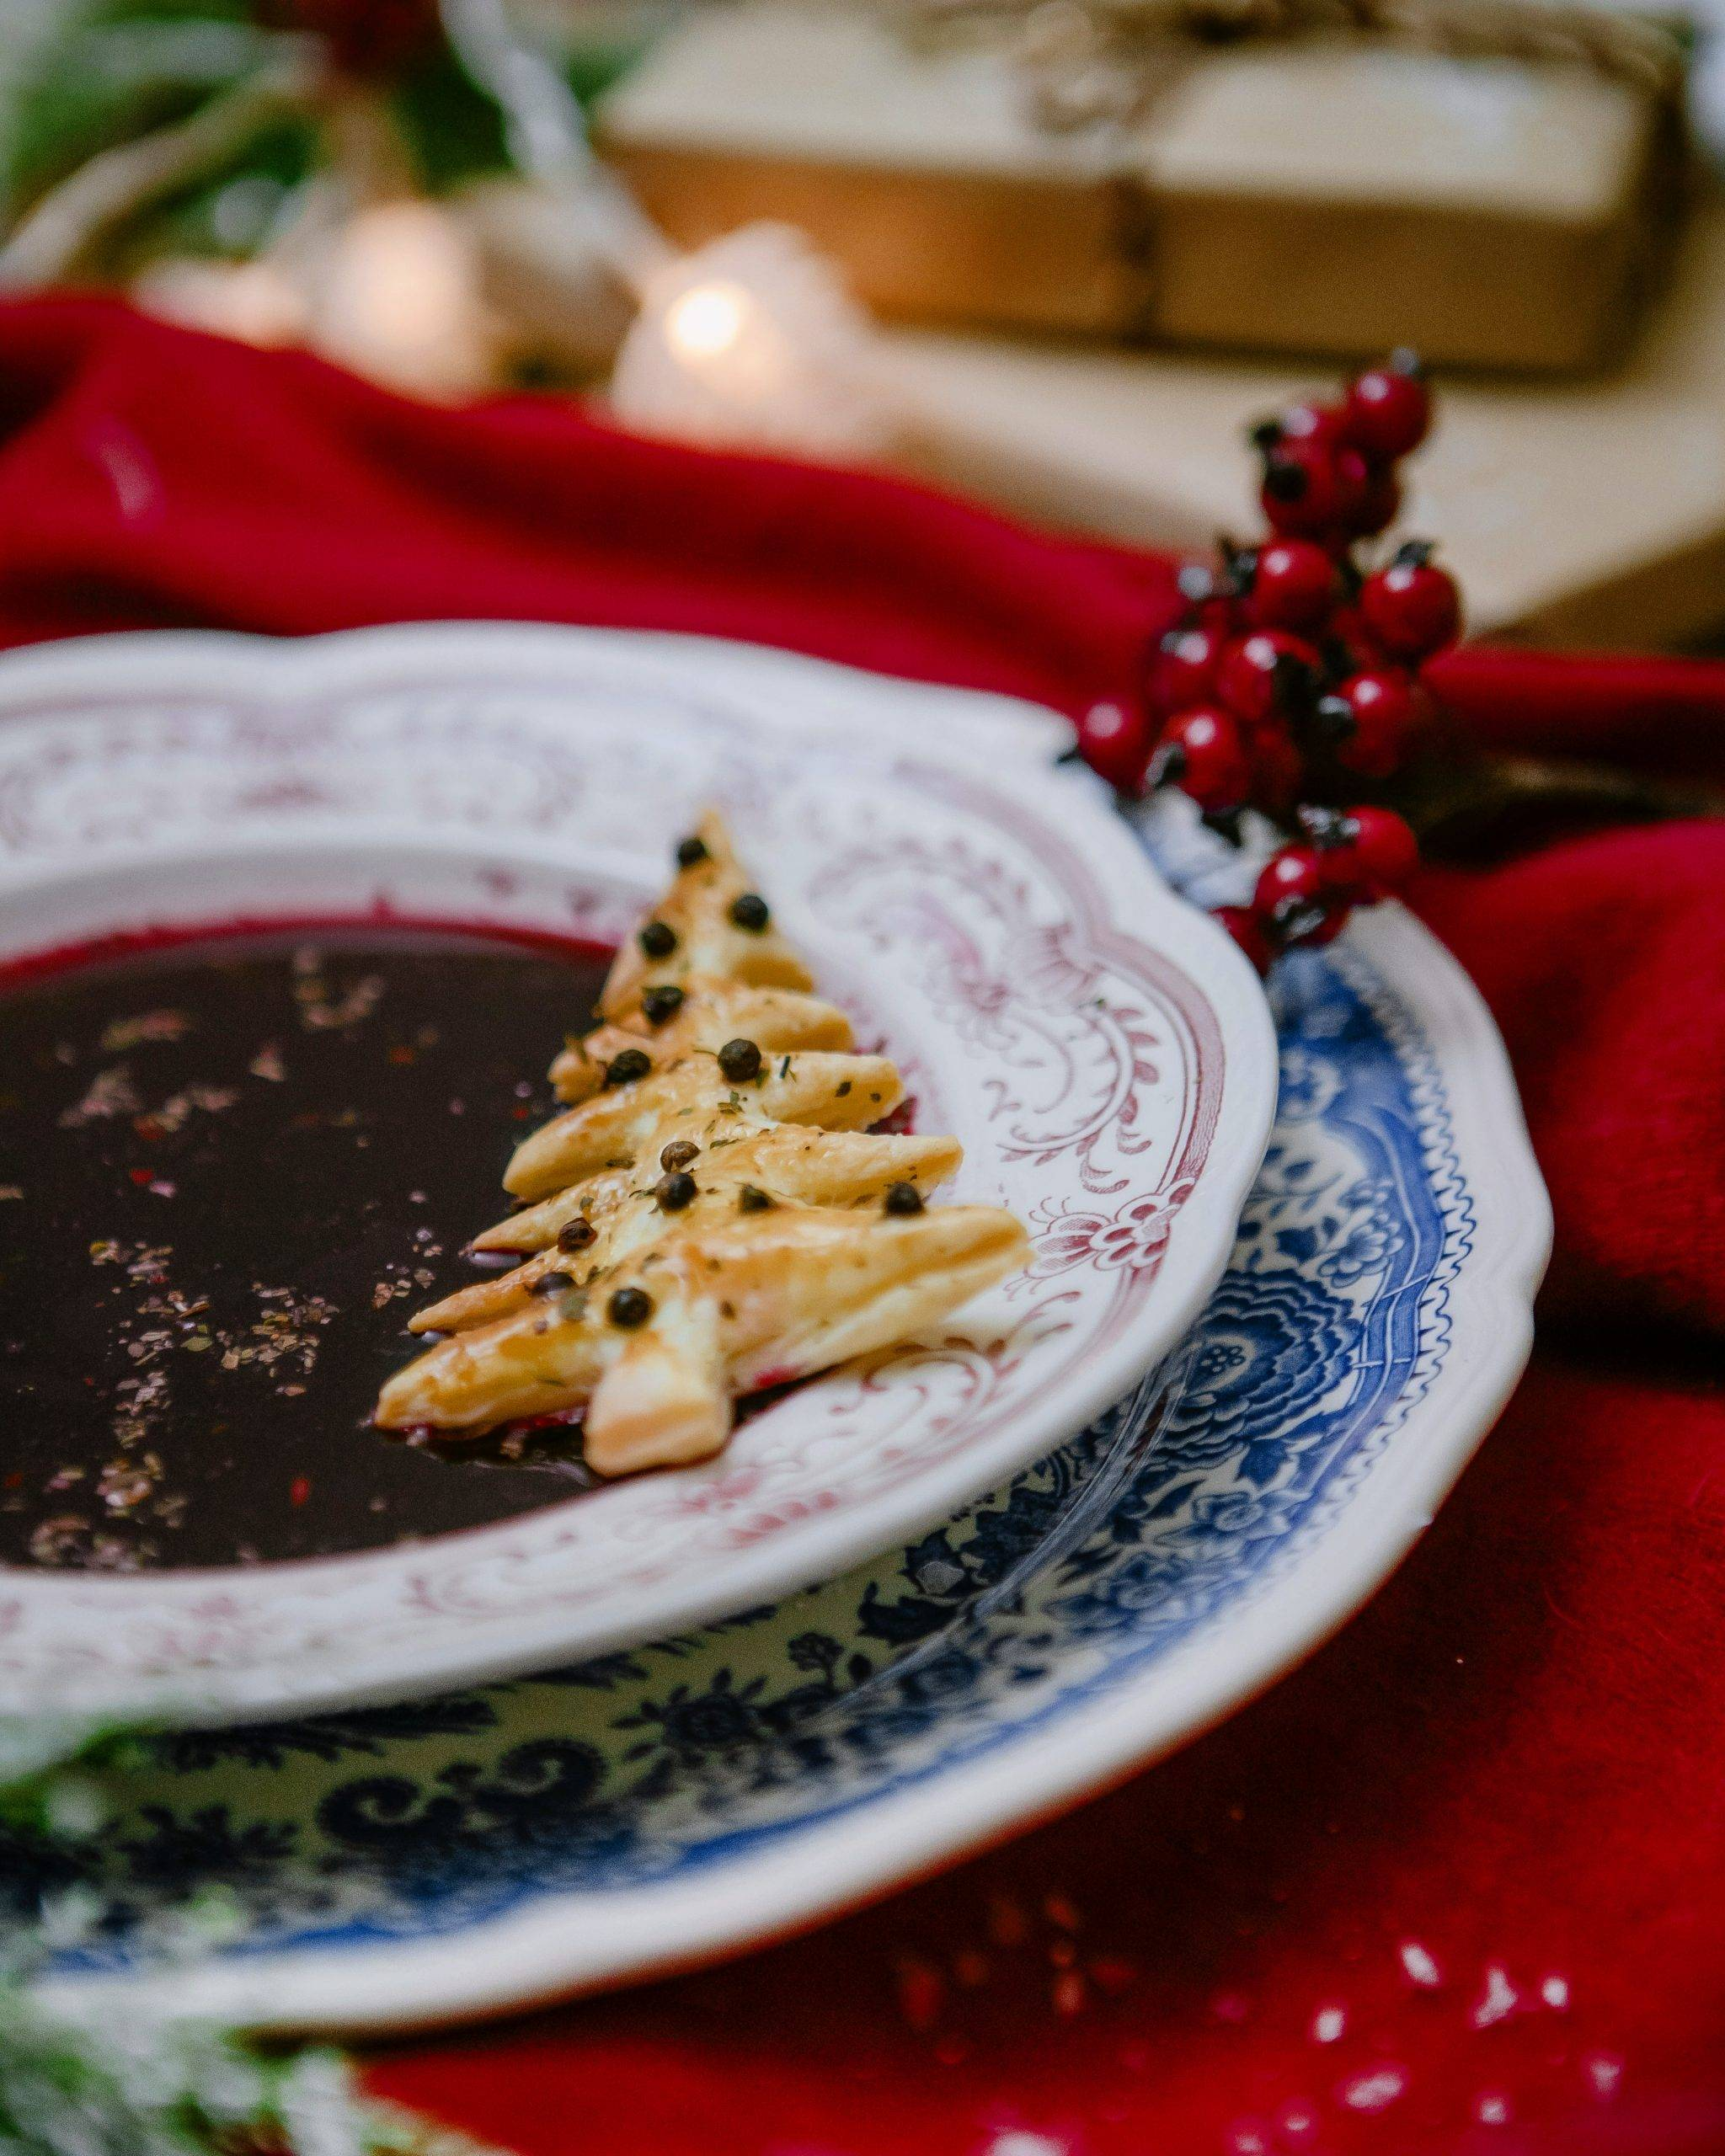 Świąteczny barszczyk z rodzynkami i żurawiną. Przepisy na Święta Bożego Narodzenia Agnieszki Żelazko.